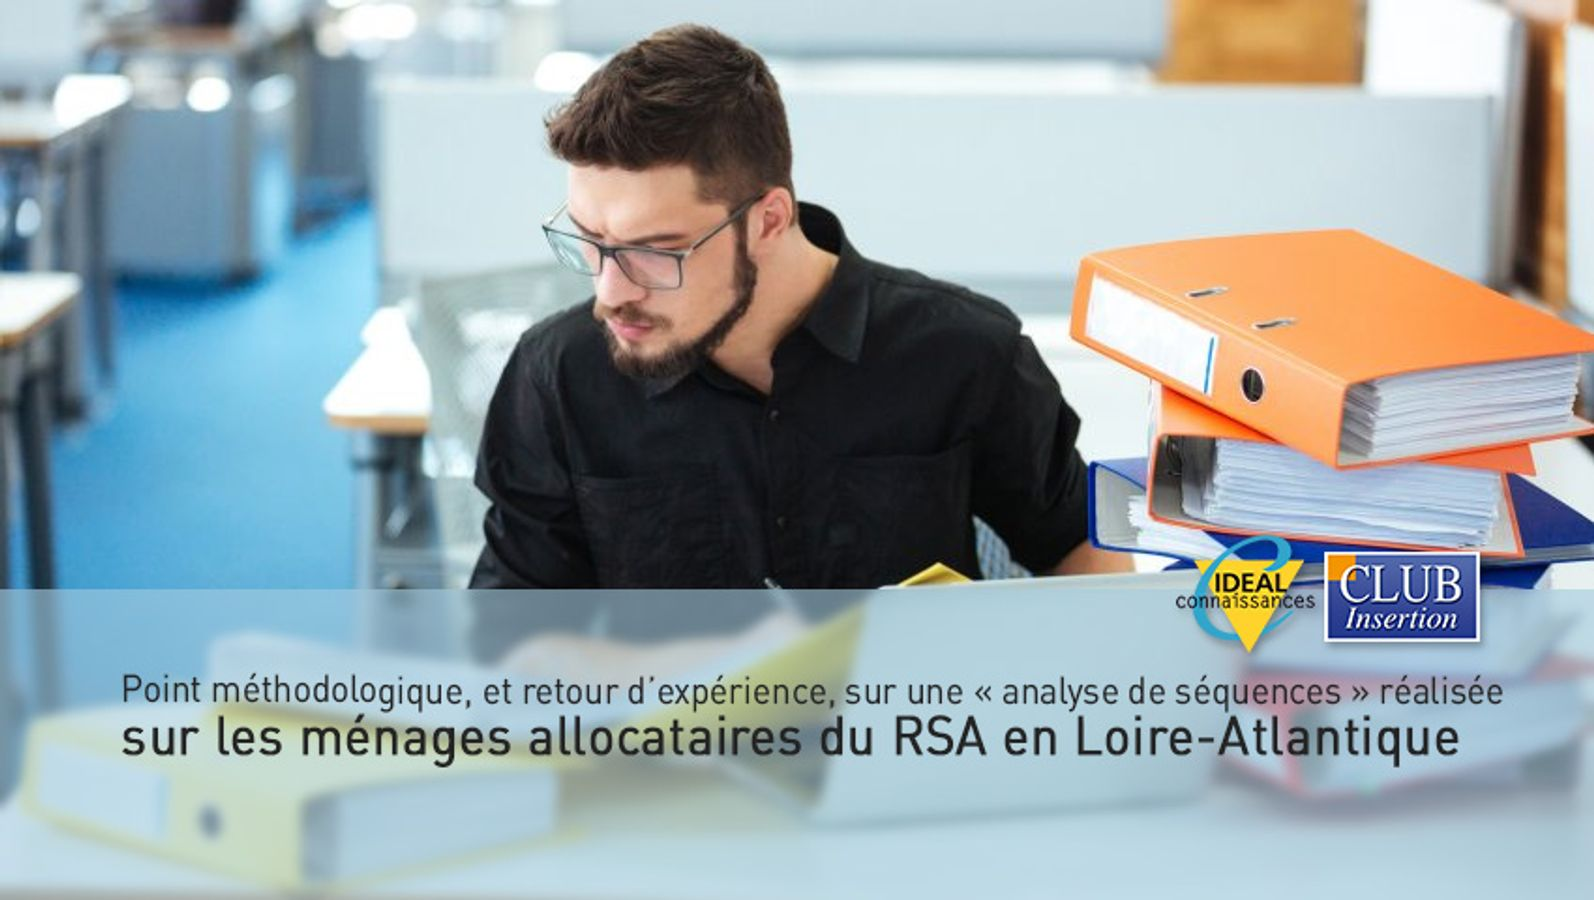 Point méthodologique, et retour d'expérience, sur une « analyse de séquences » réalisée sur les ménages allocataires du RSA en Loire-Atlantique.